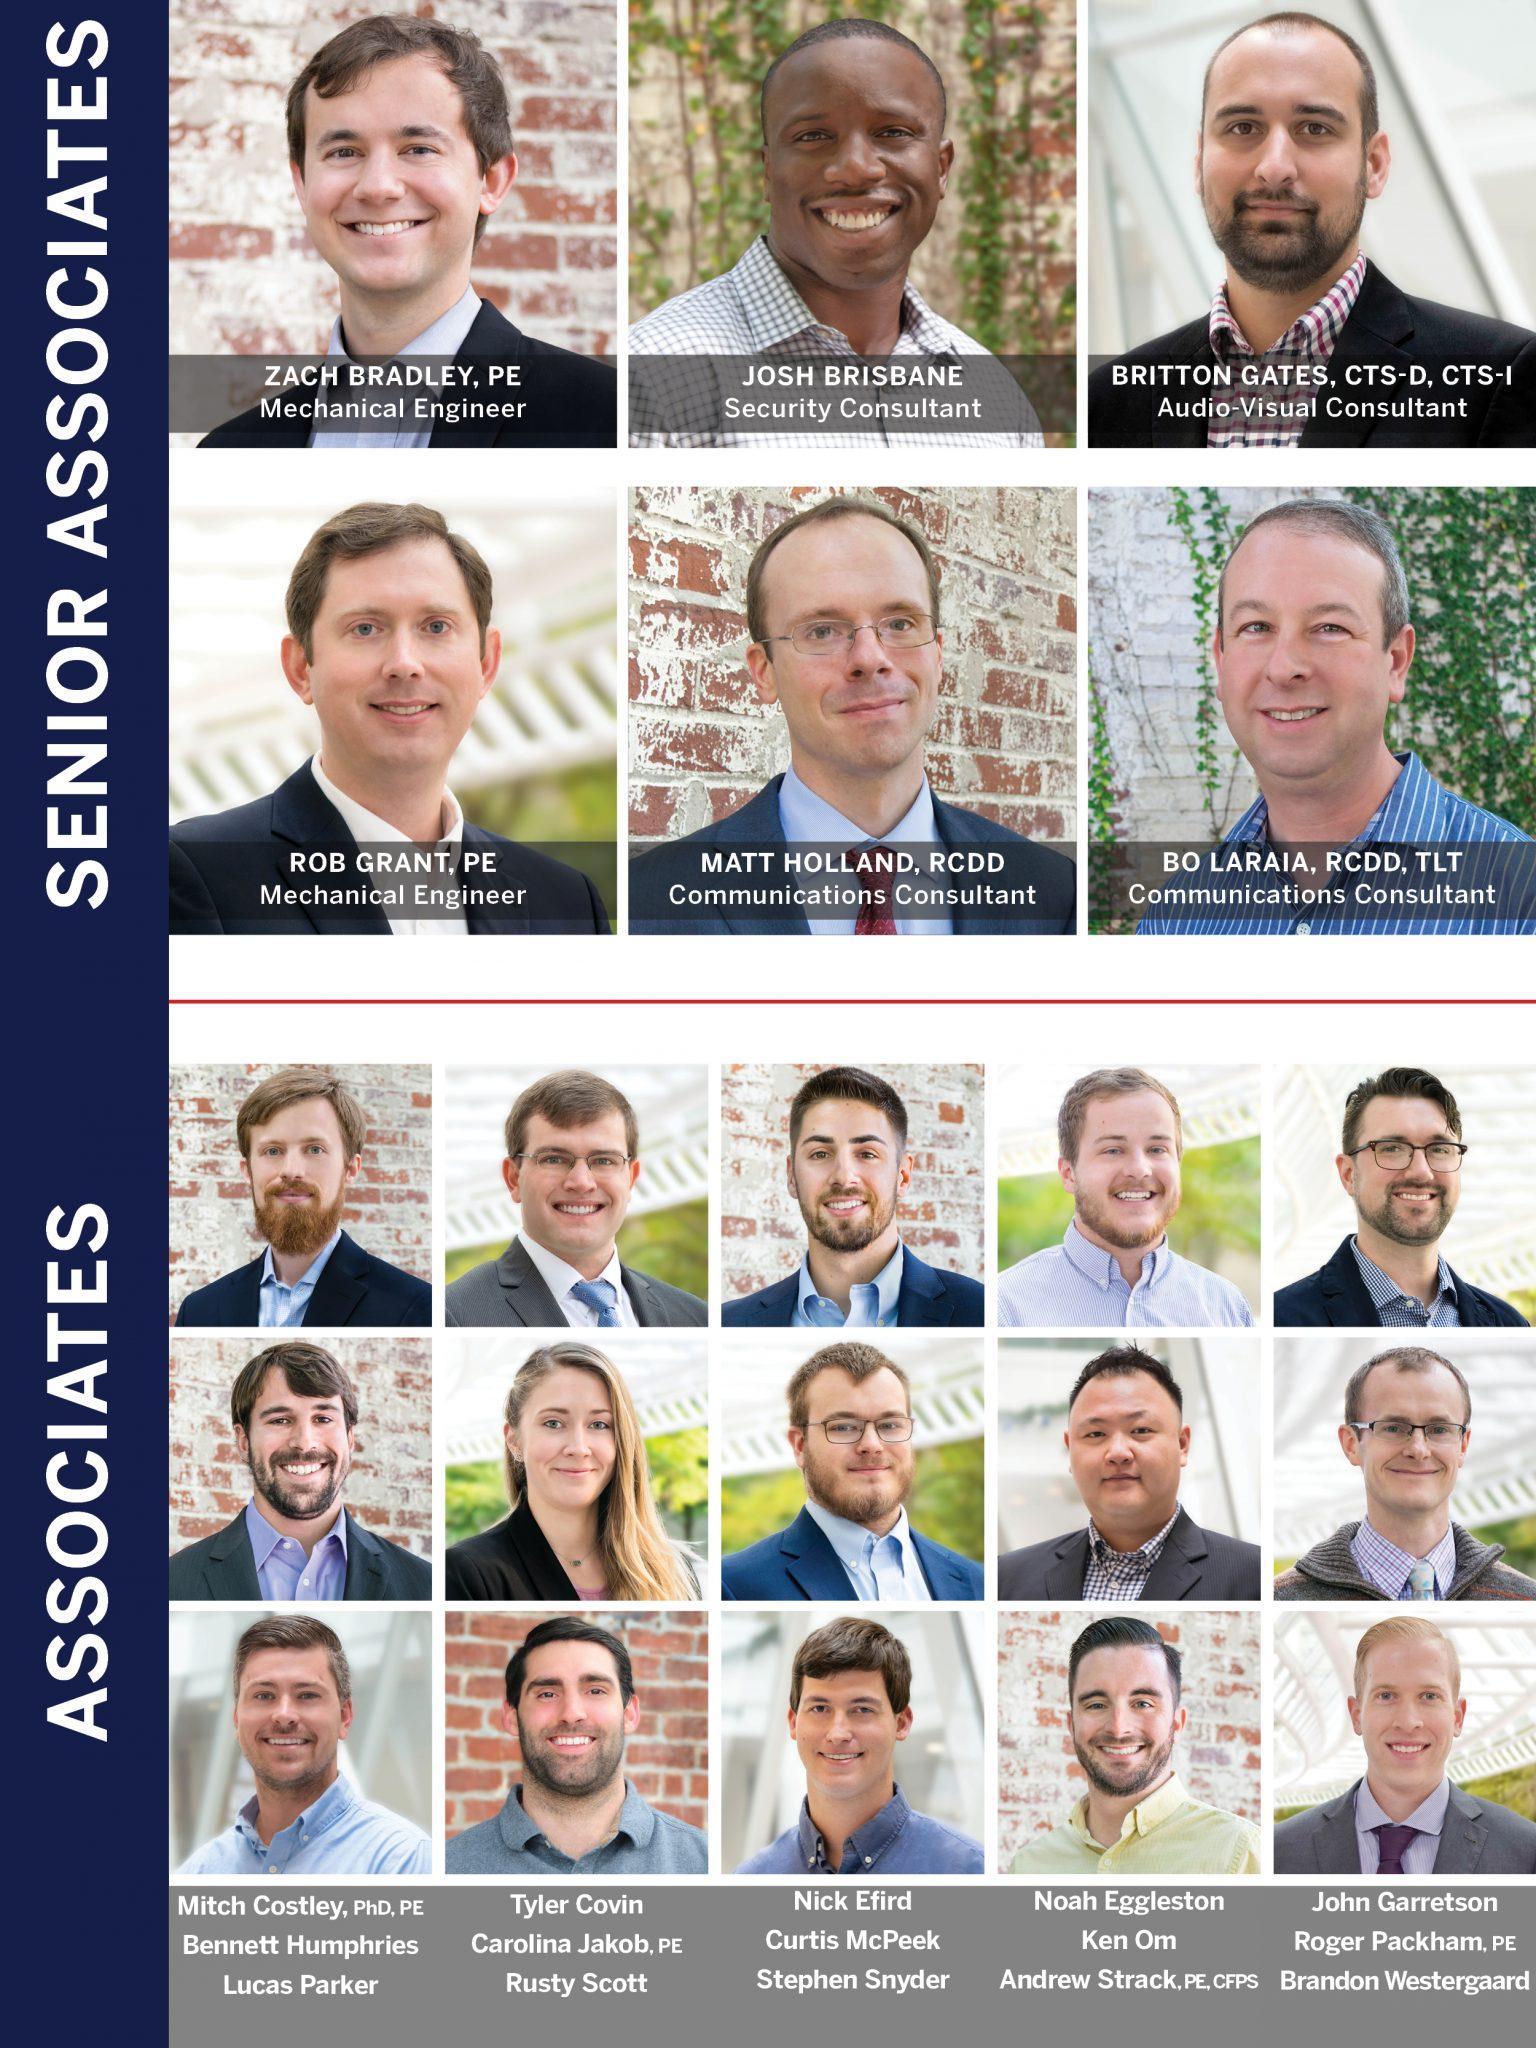 Senior Associates and Associates